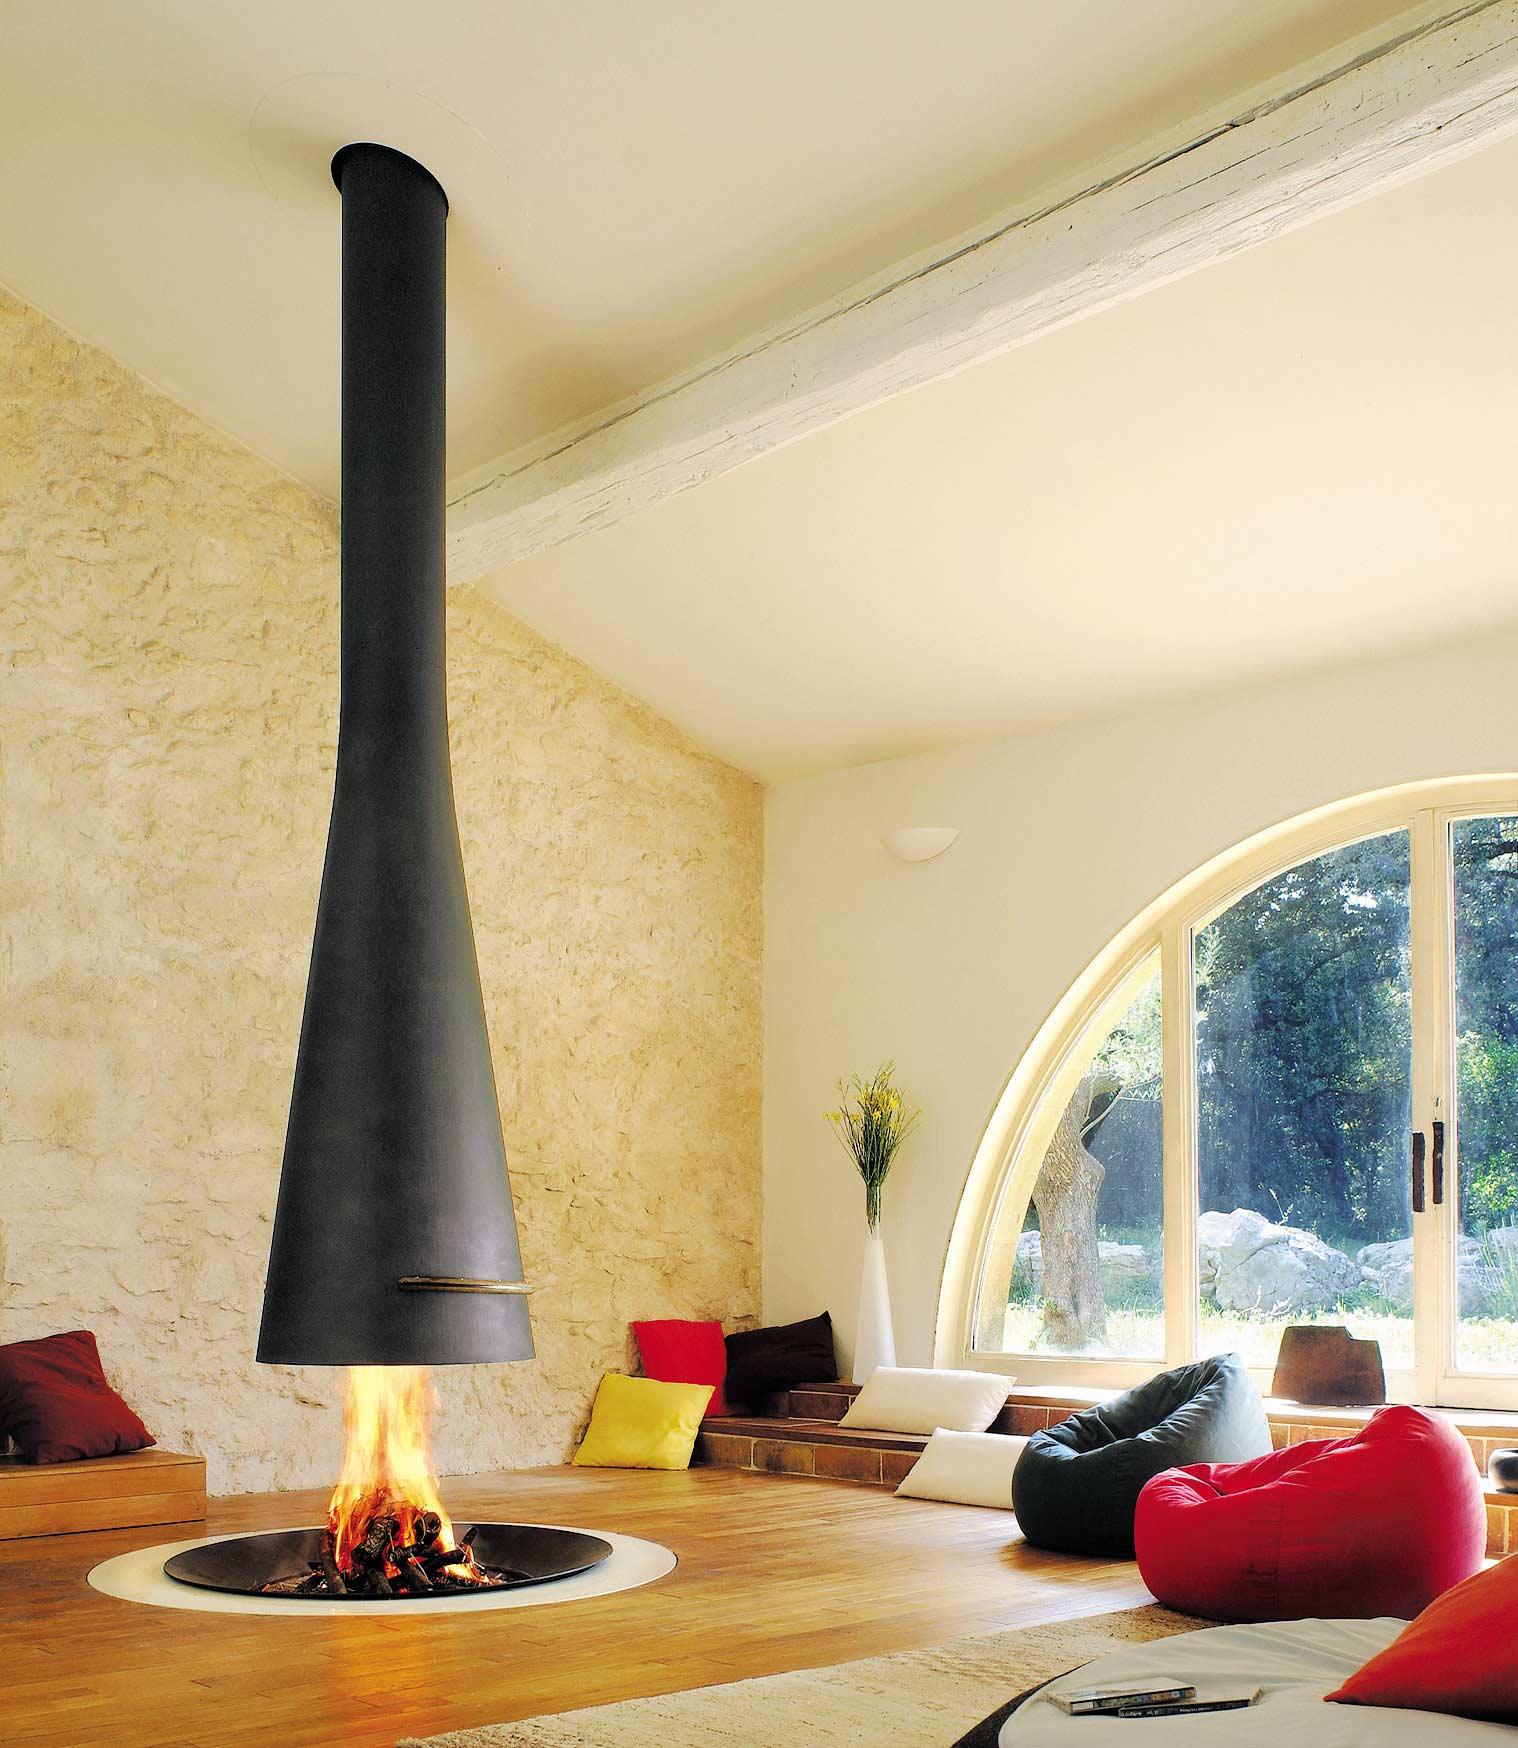 Comment bien choisir une cheminée?